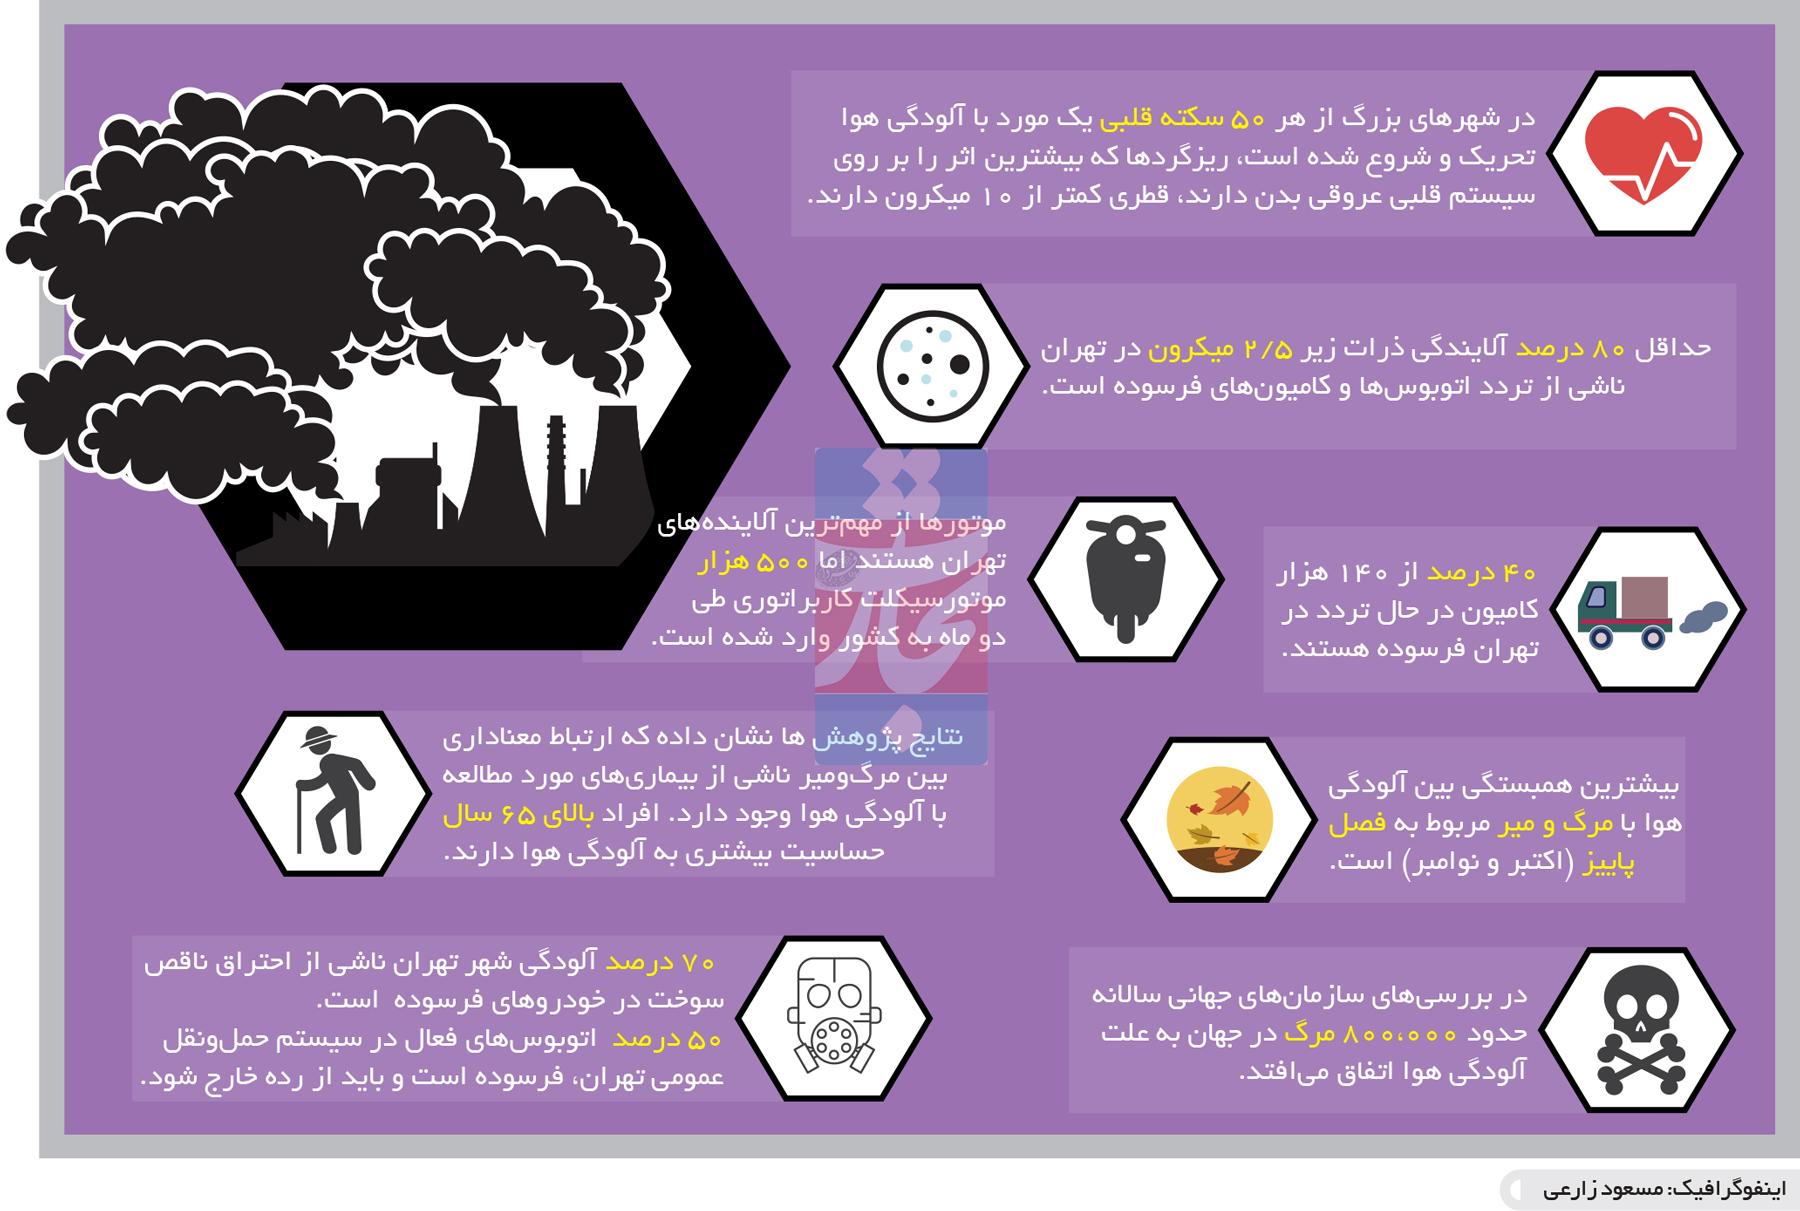 تجارت- فردا- آلودگی هوا(اینفوگرافیک)